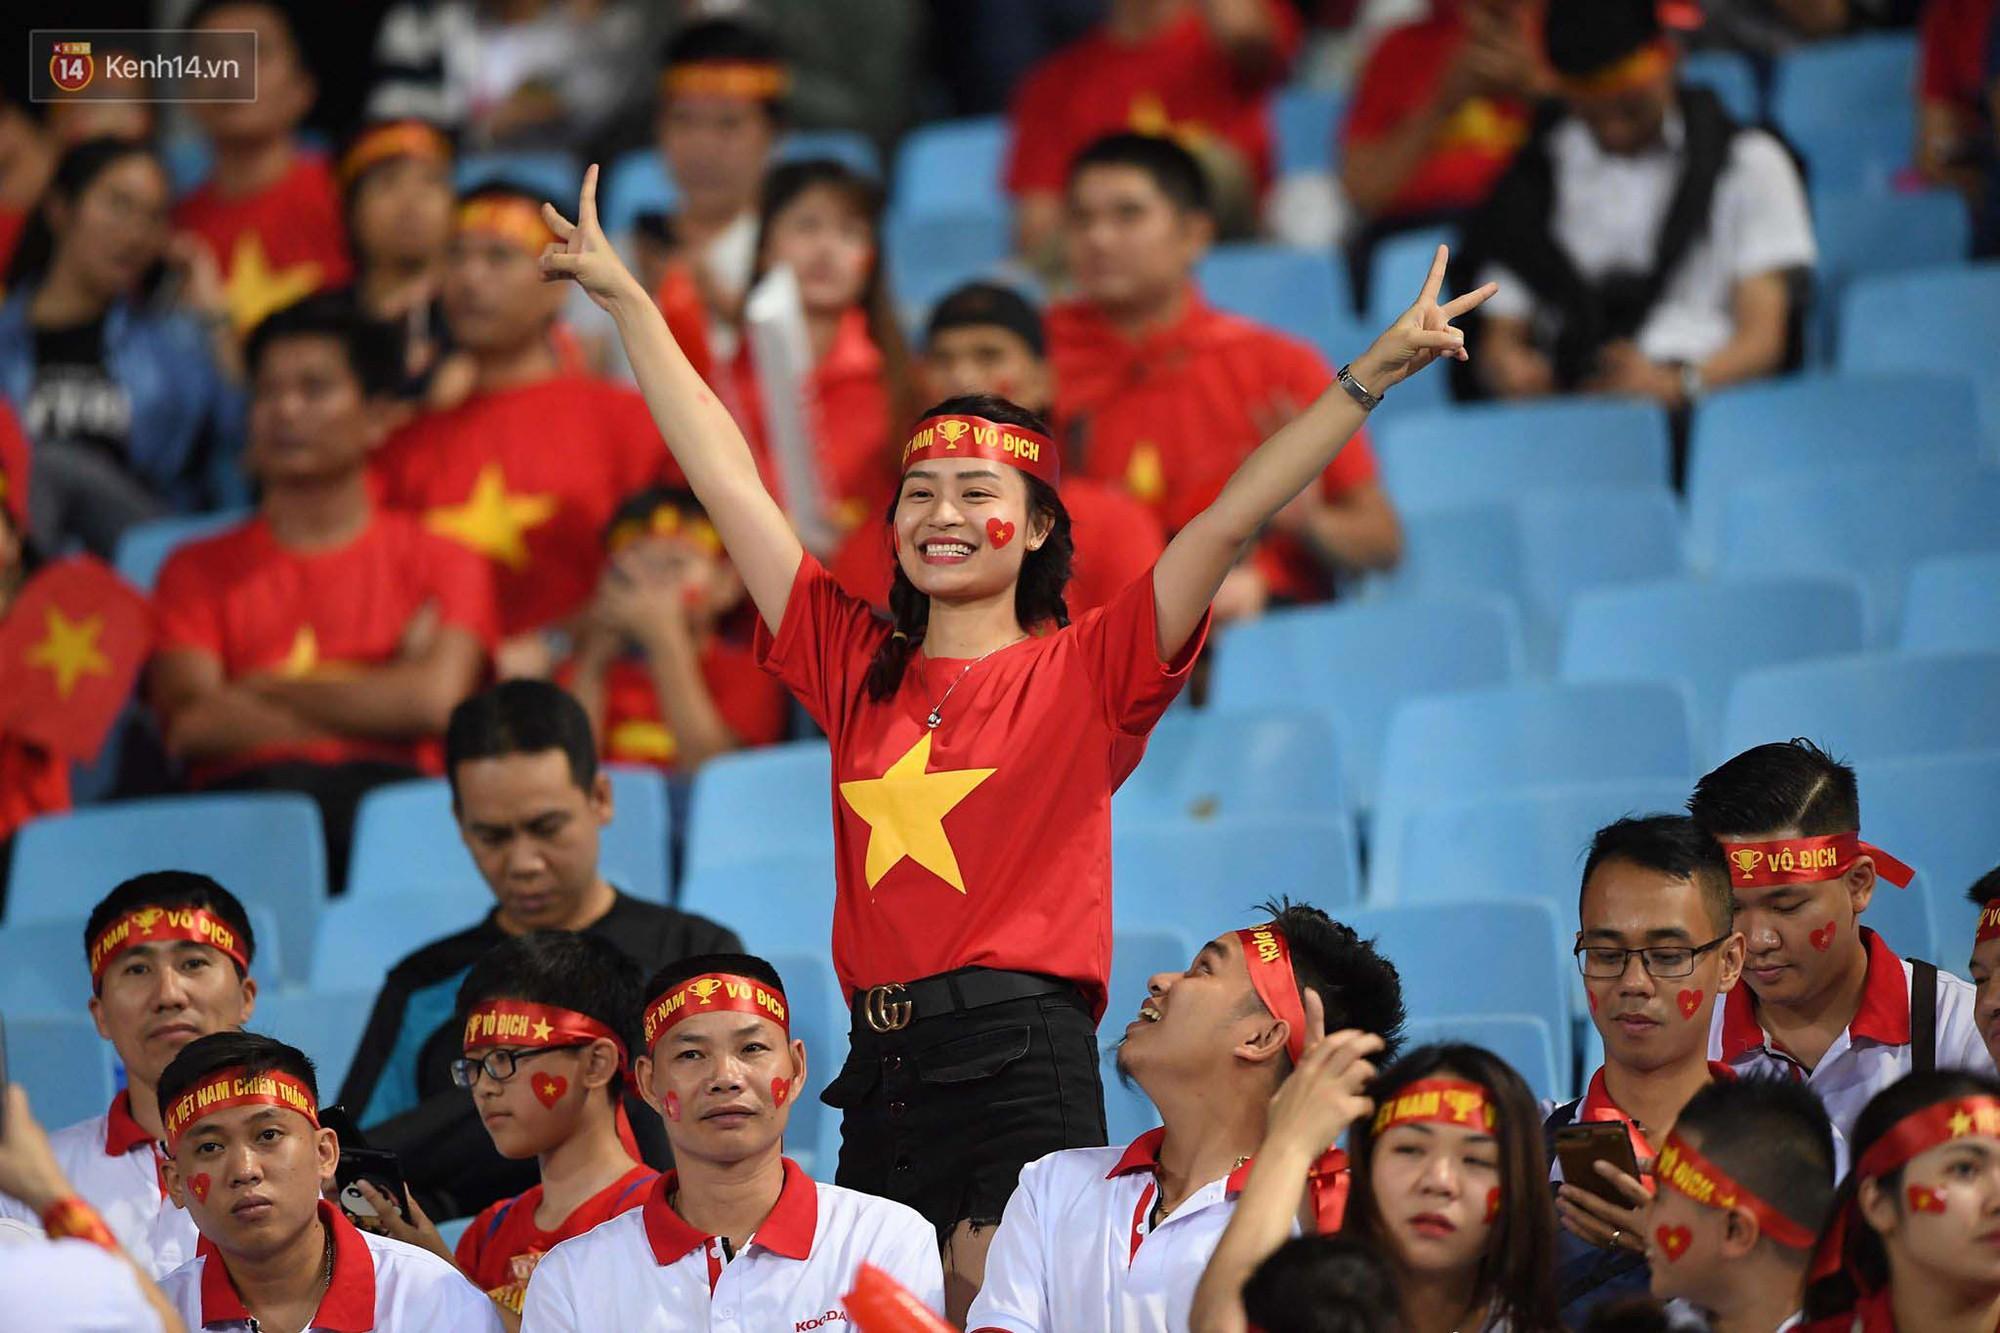 Loạt fan girl xinh xắn chiếm sóng tại Mỹ Đình trước trận bán kết Việt Nam - Philippines - Ảnh 12.